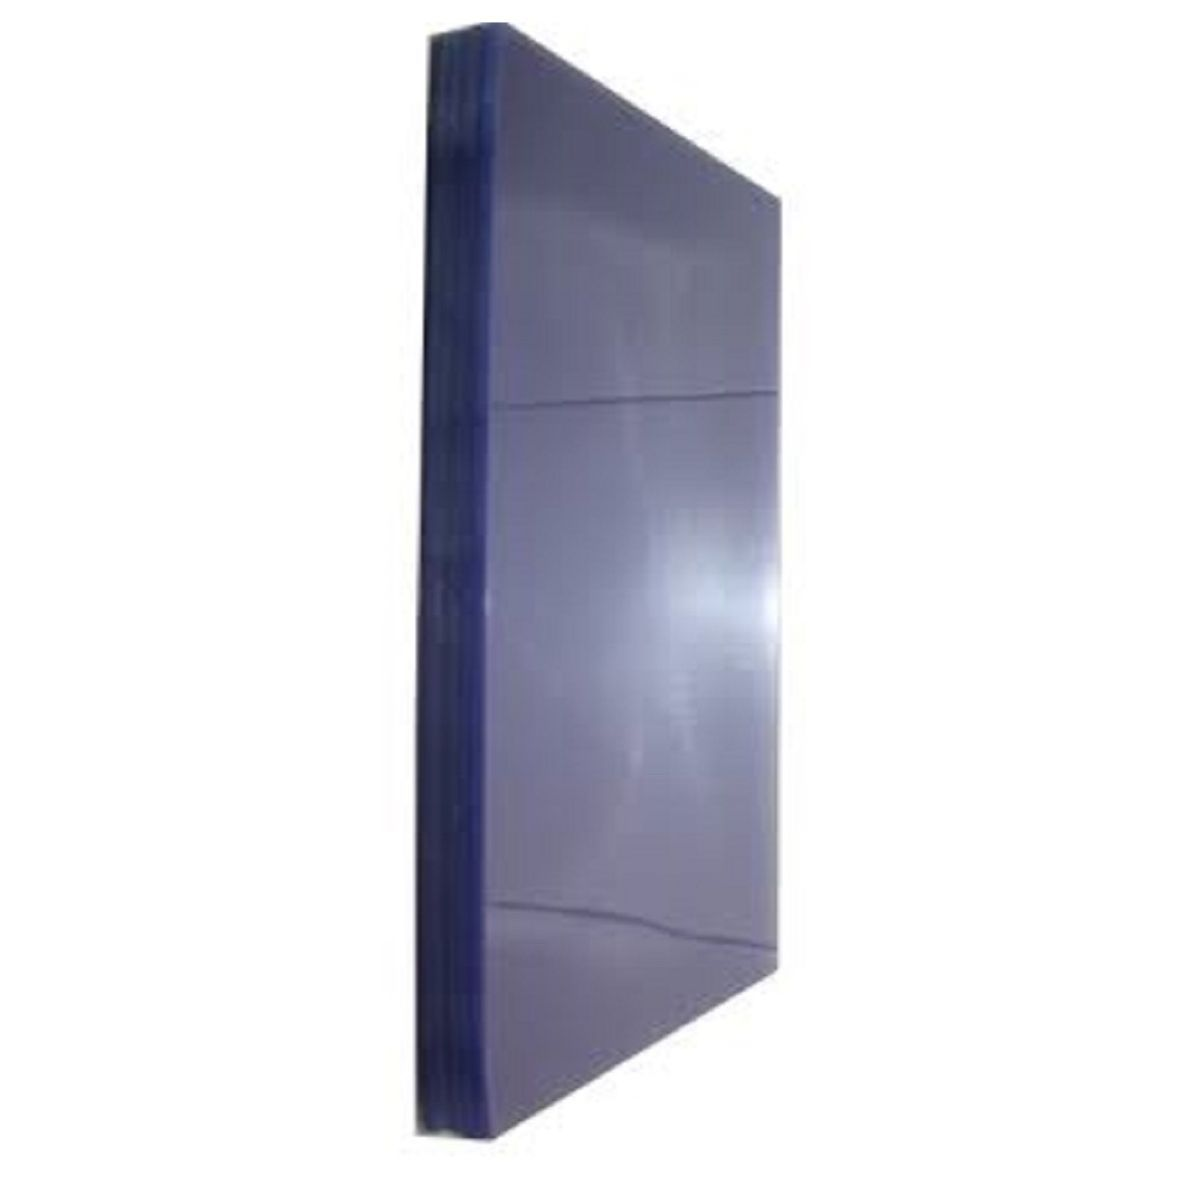 Capa para Encadernação Acetato 0,25mm Cristal Oficio - Pacote com 100 unidades  - Click Suprimentos